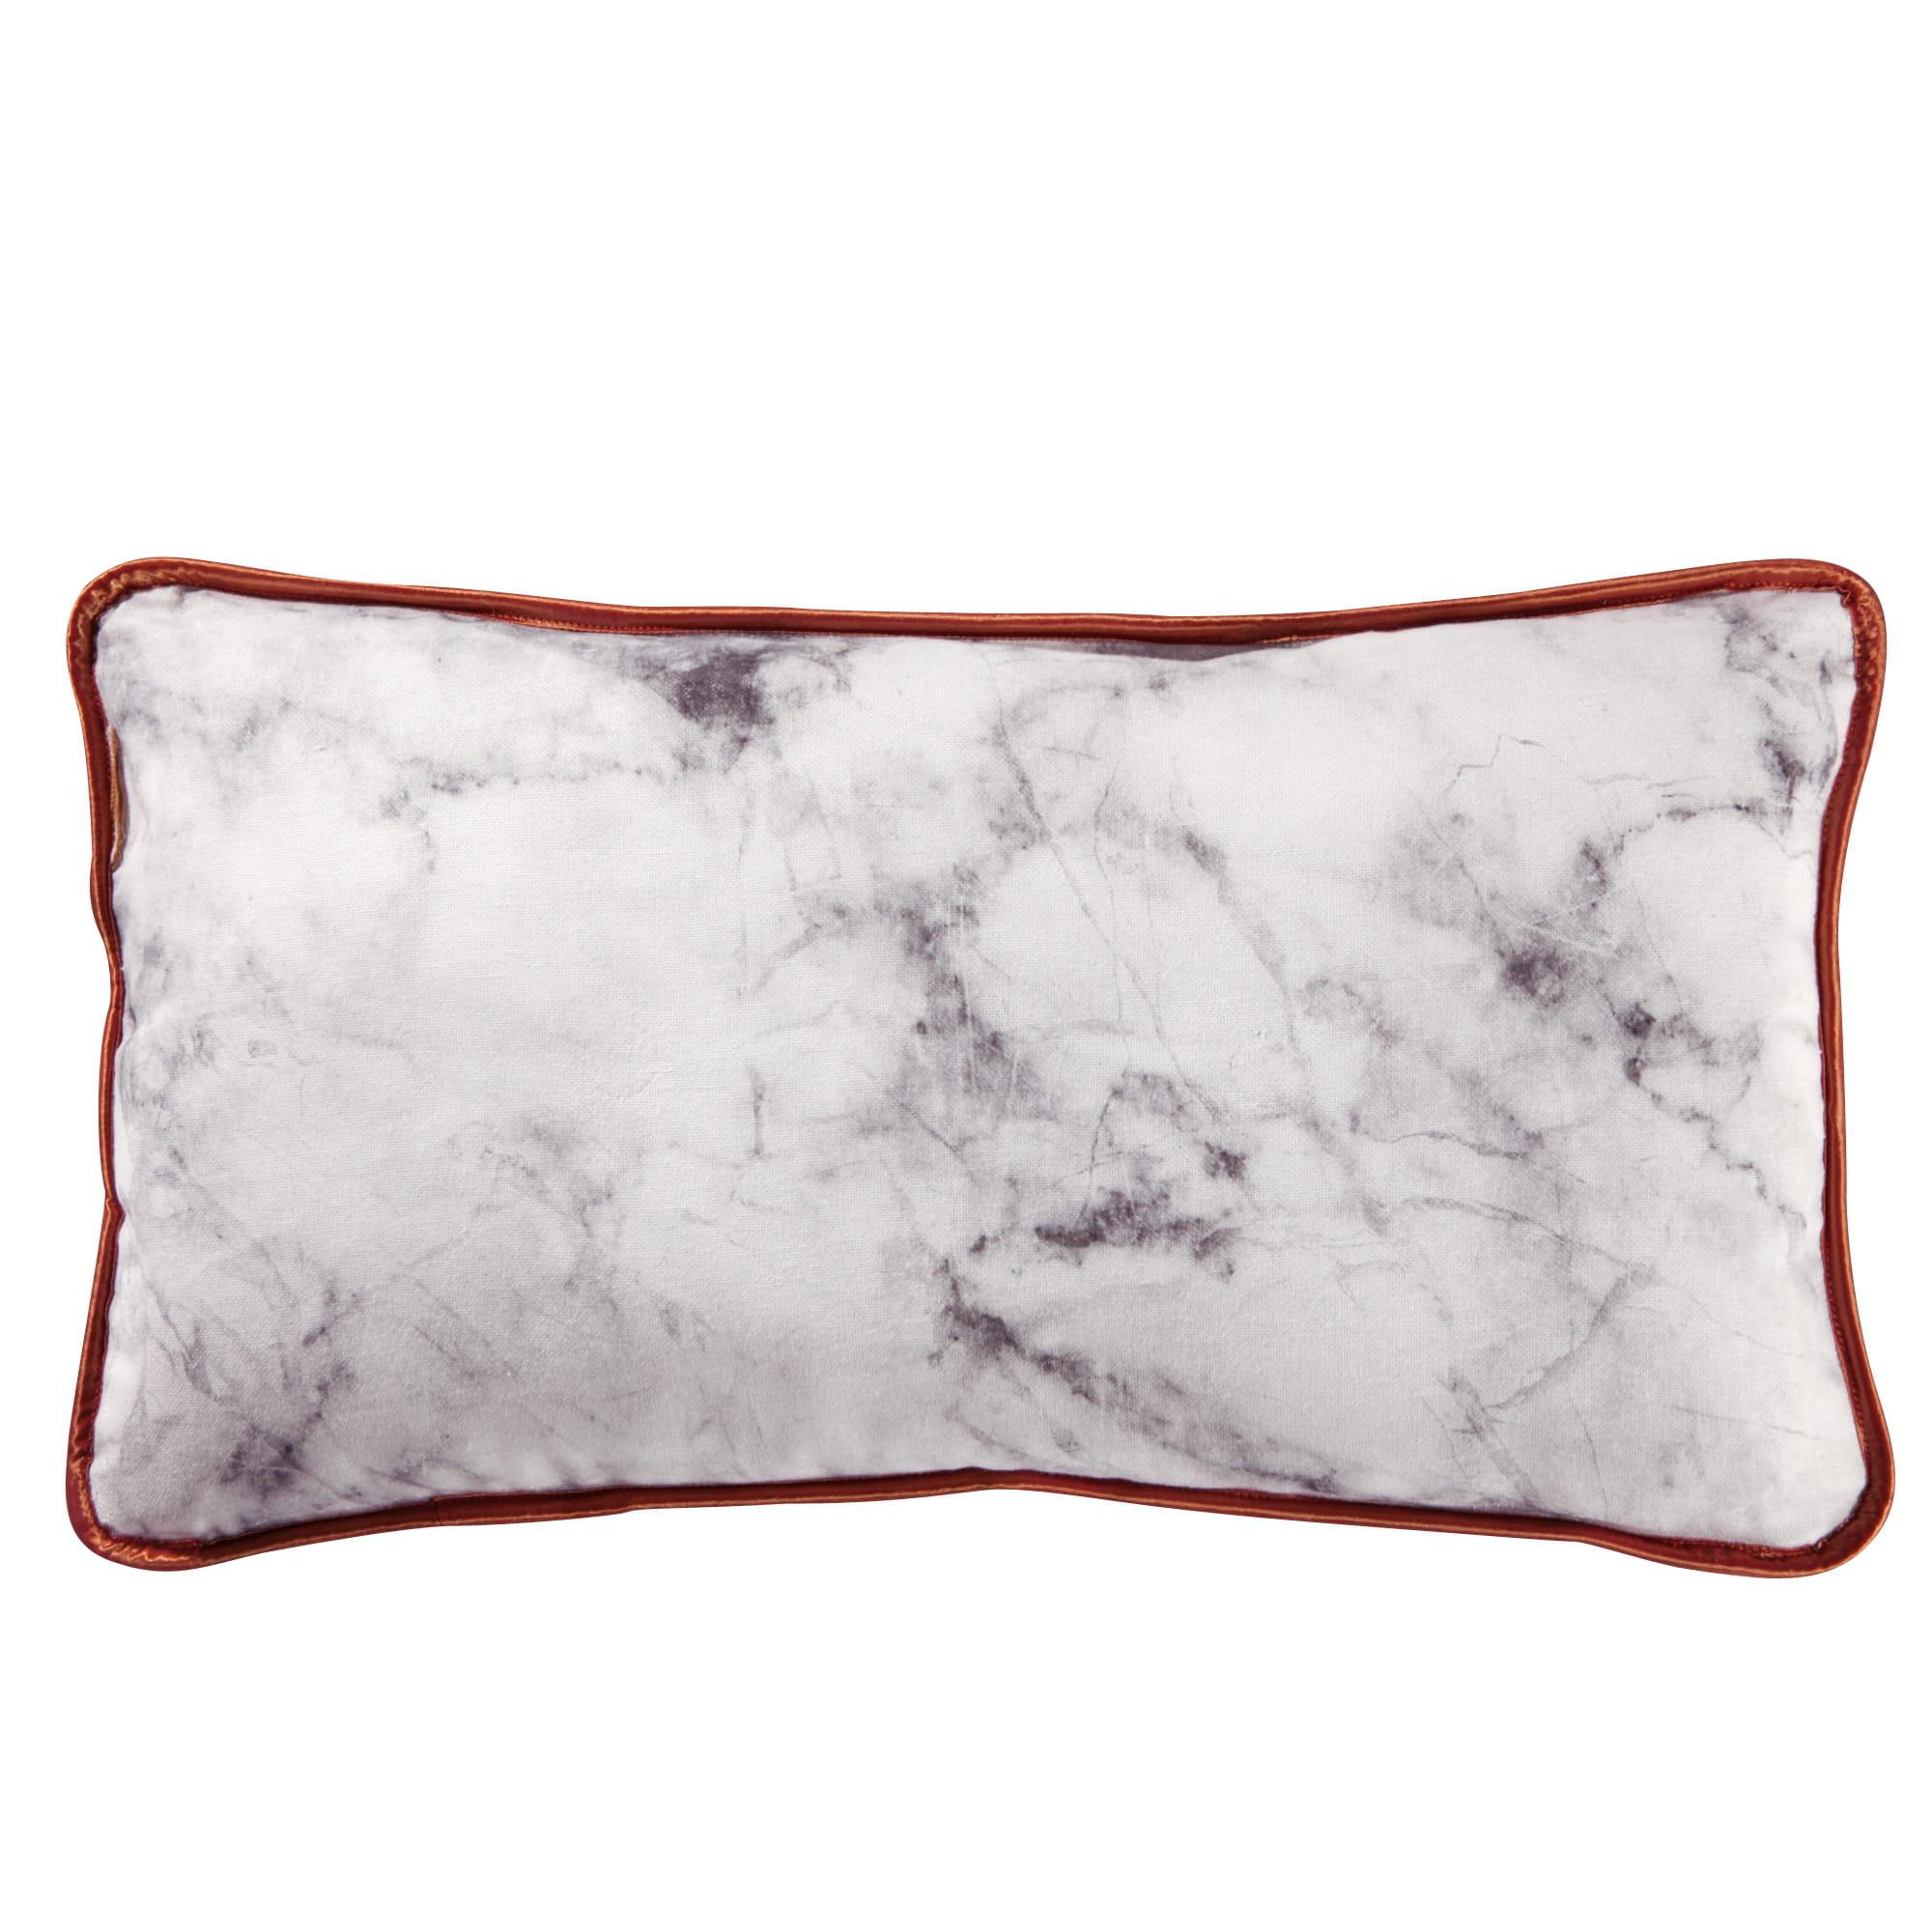 coussin capitonn marbre de 3 suisses coussin nos 40 mod les chouchous pour l 39 hiver. Black Bedroom Furniture Sets. Home Design Ideas